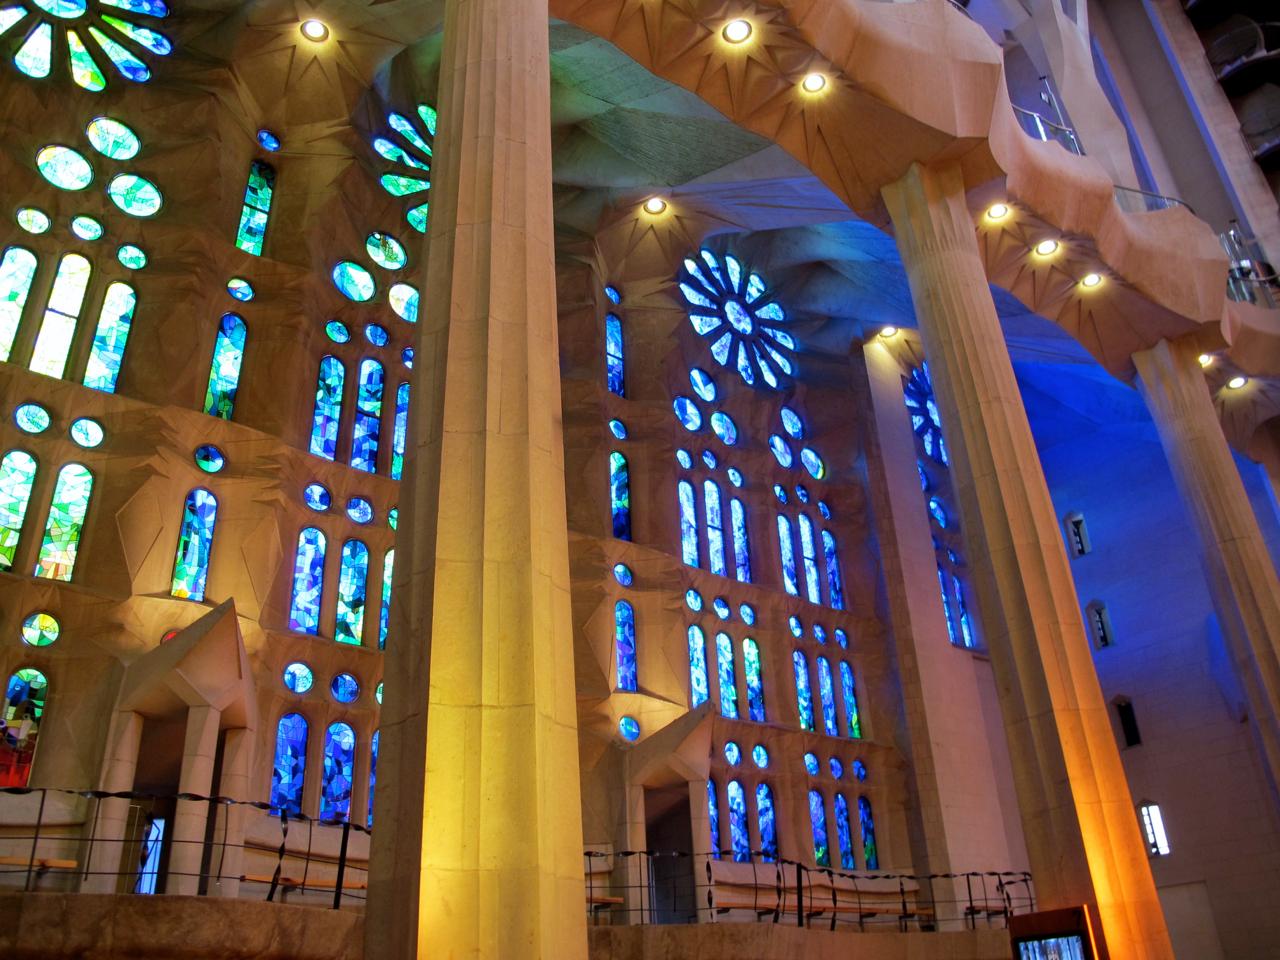 Wunderschöne Kirchenglasfenster in allen Farben.